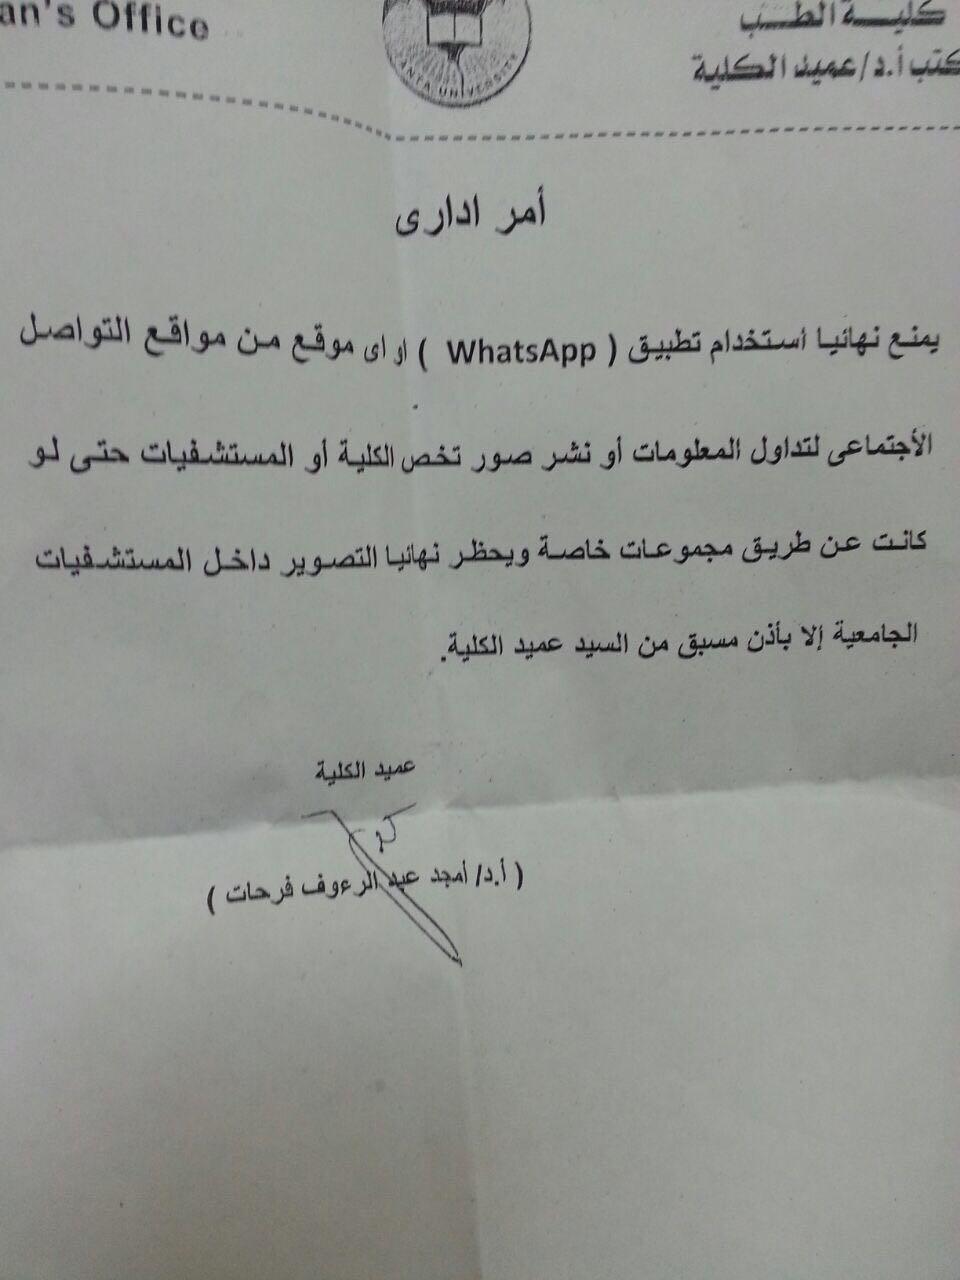 عميد «طب طنطا» يحظر استخدام «واتس آب» والشبكات الاجتماعية